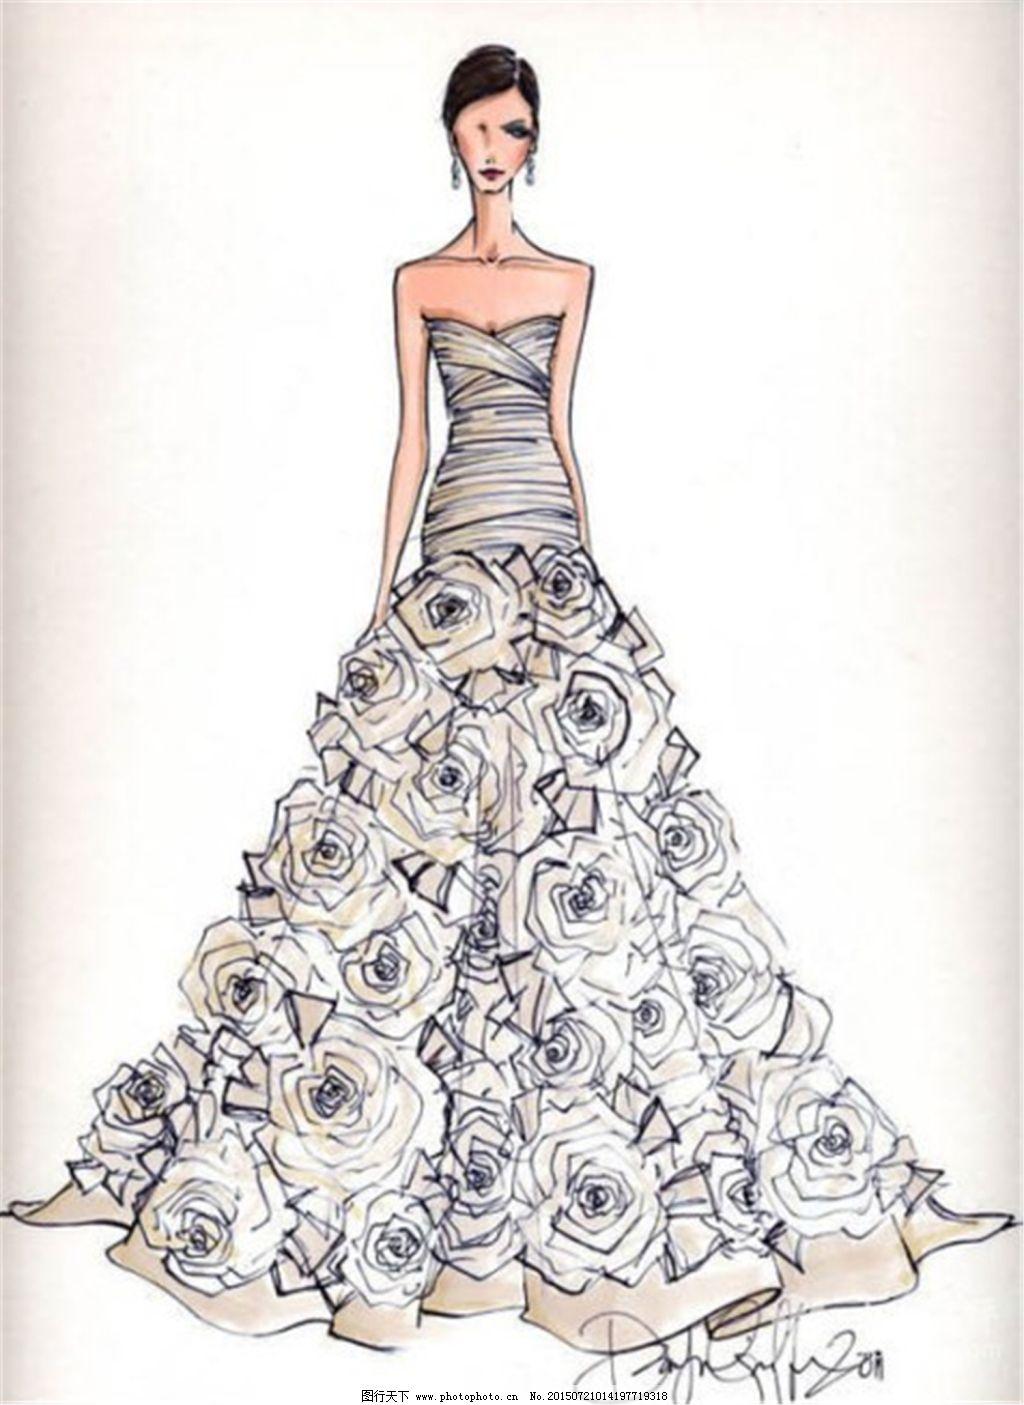 手绘服装设计4_手绘服装设计